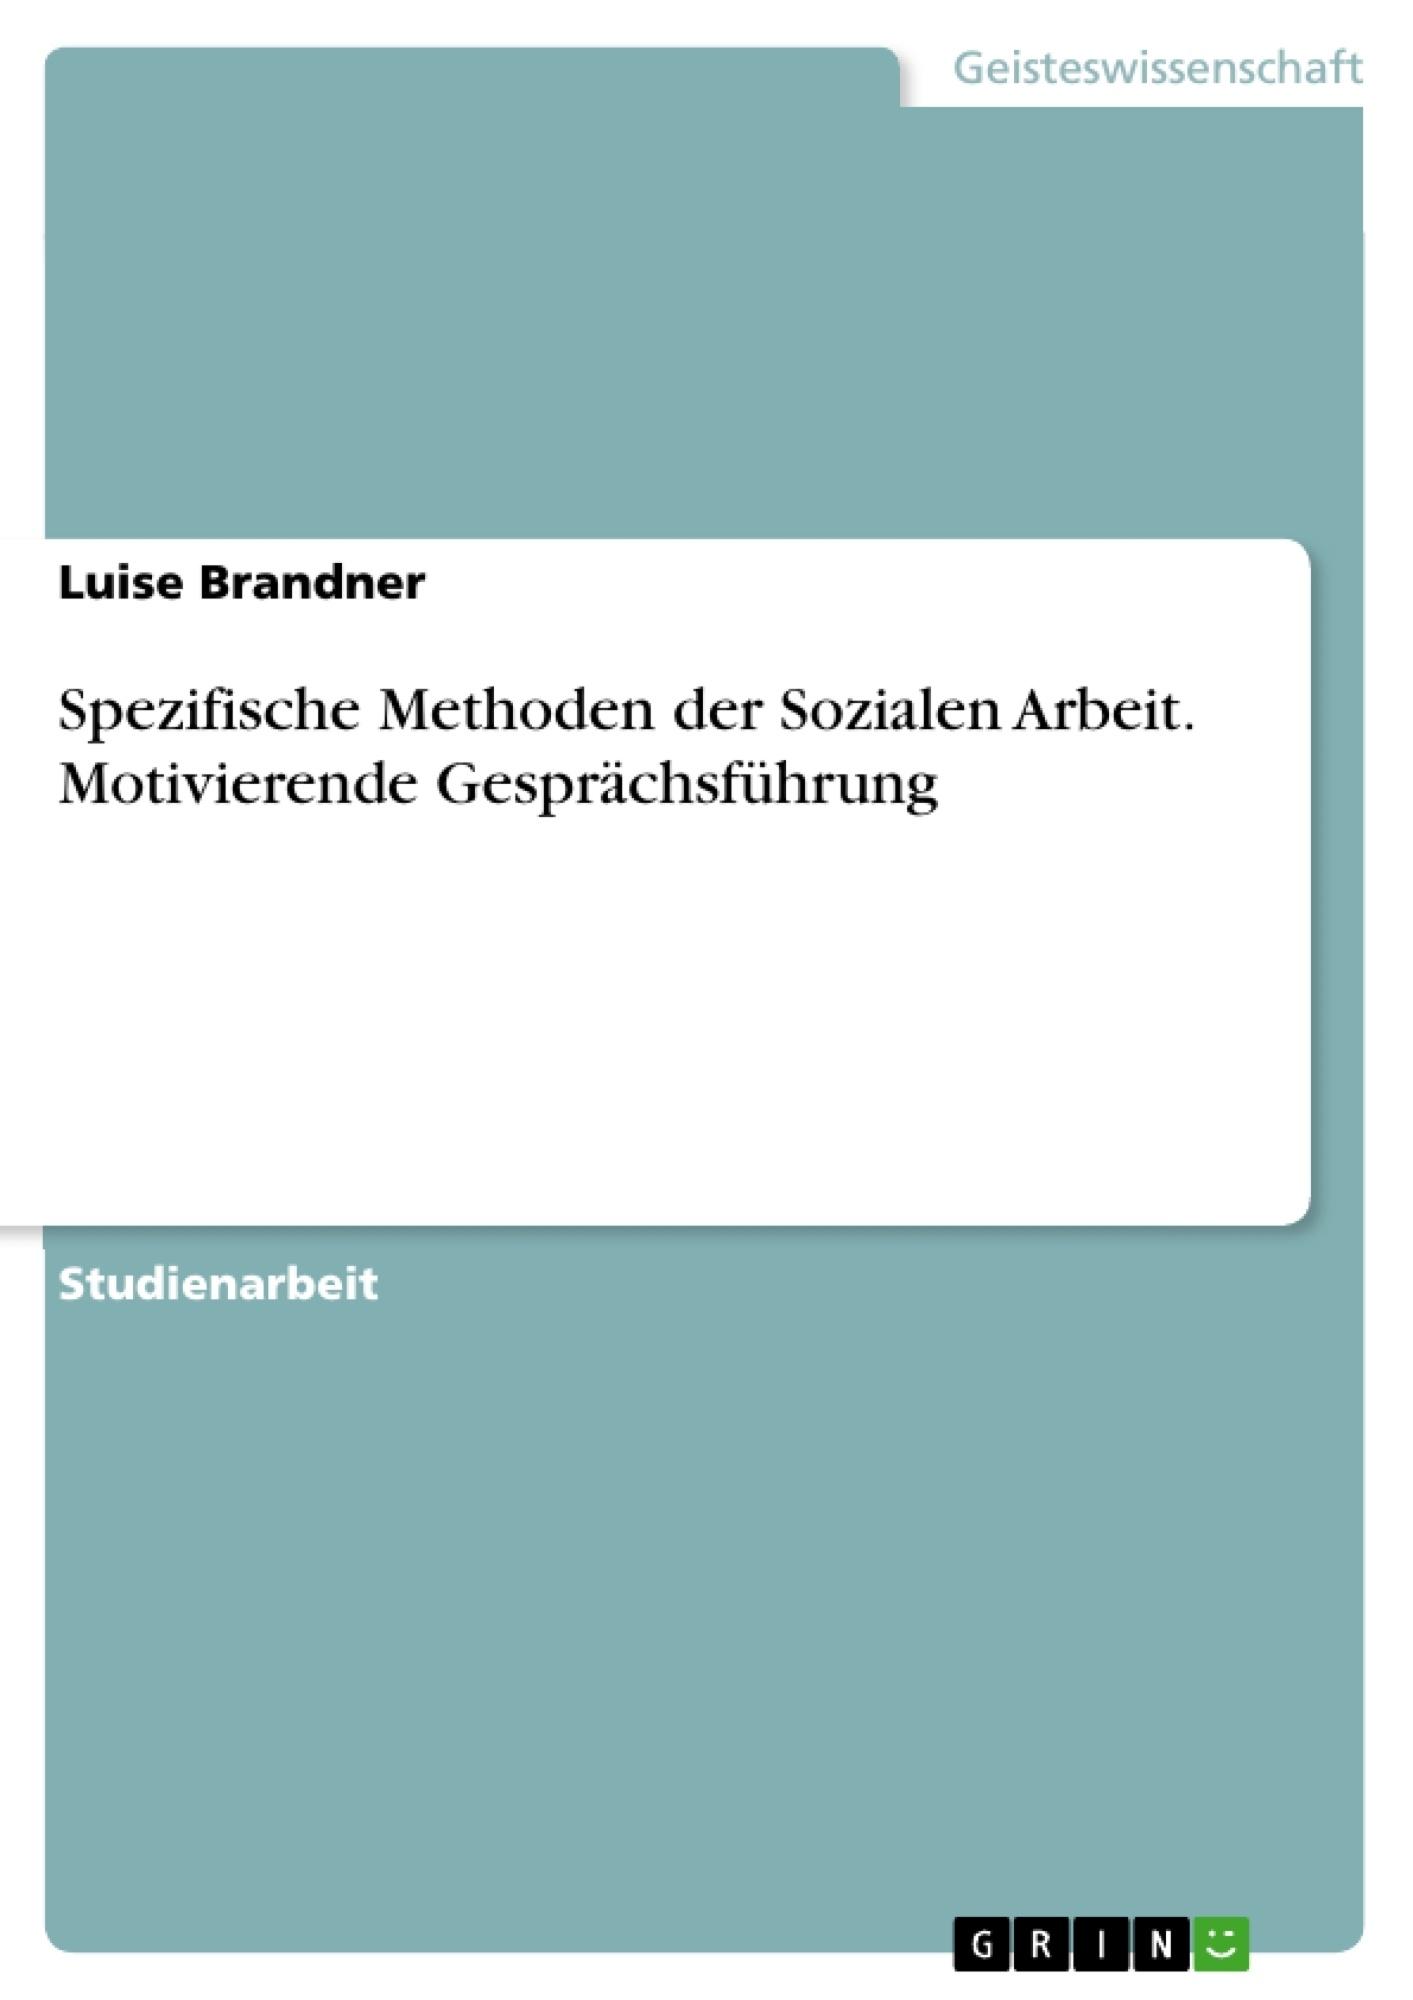 Titel: Spezifische Methoden der Sozialen Arbeit. Motivierende Gesprächsführung